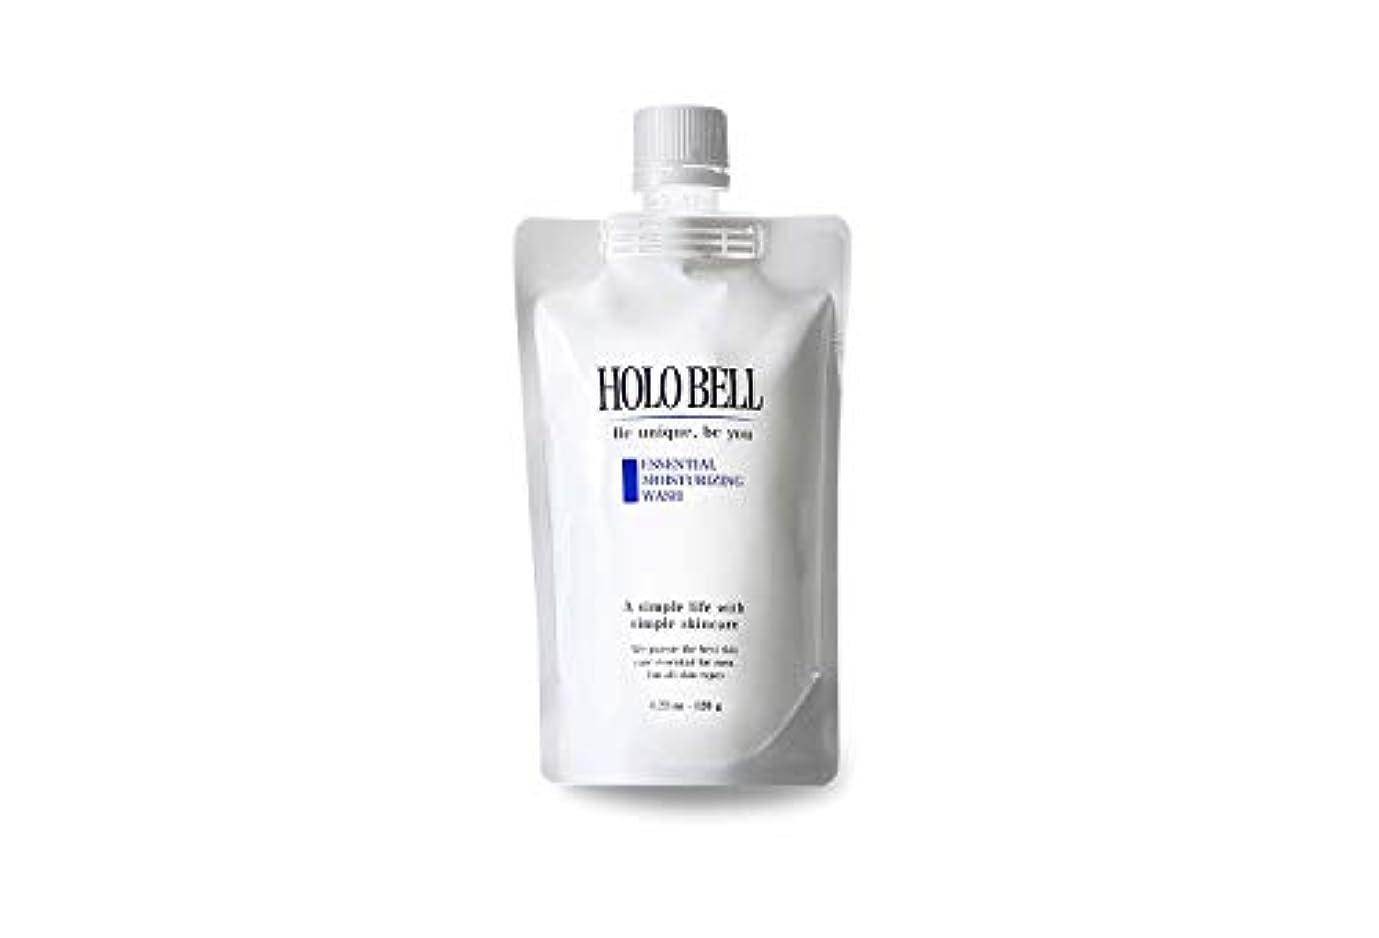 エッセンシャル保湿ウォッシュ 120g【HOLOBELL(ホロベル)】男性用 メンズ 洗顔料 フォーム(メンズ スキンケア)フェイスケア 低刺激 濃密泡